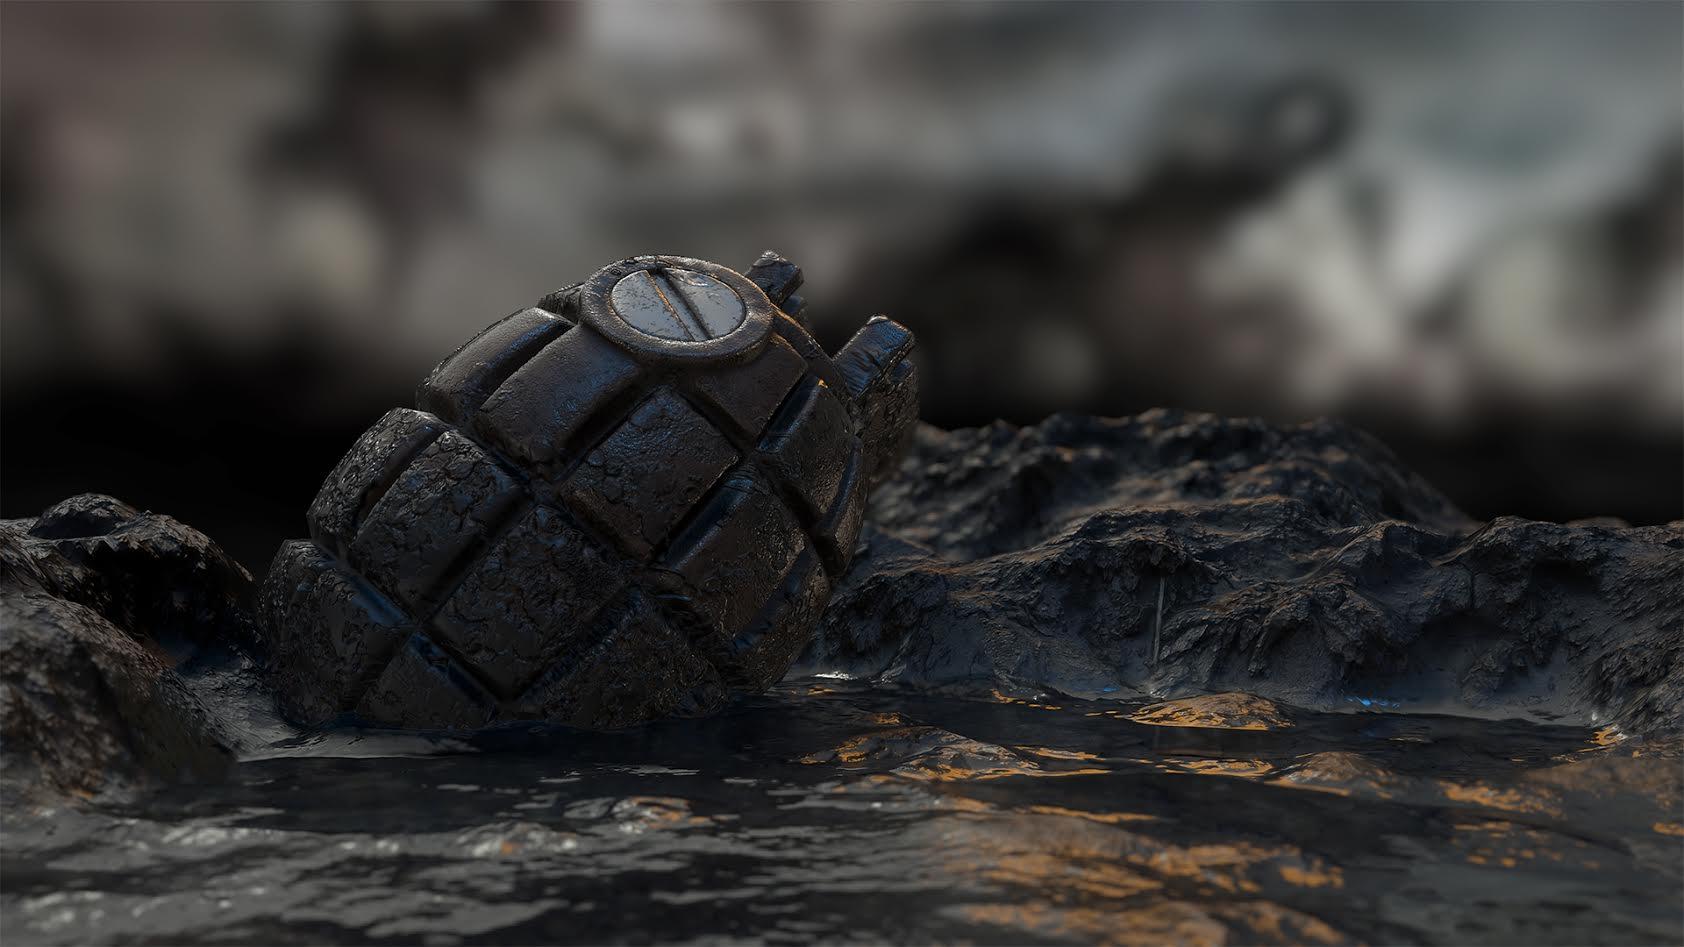 ВКрасноярском крае обезвредили 100-летнюю раритетную гранату